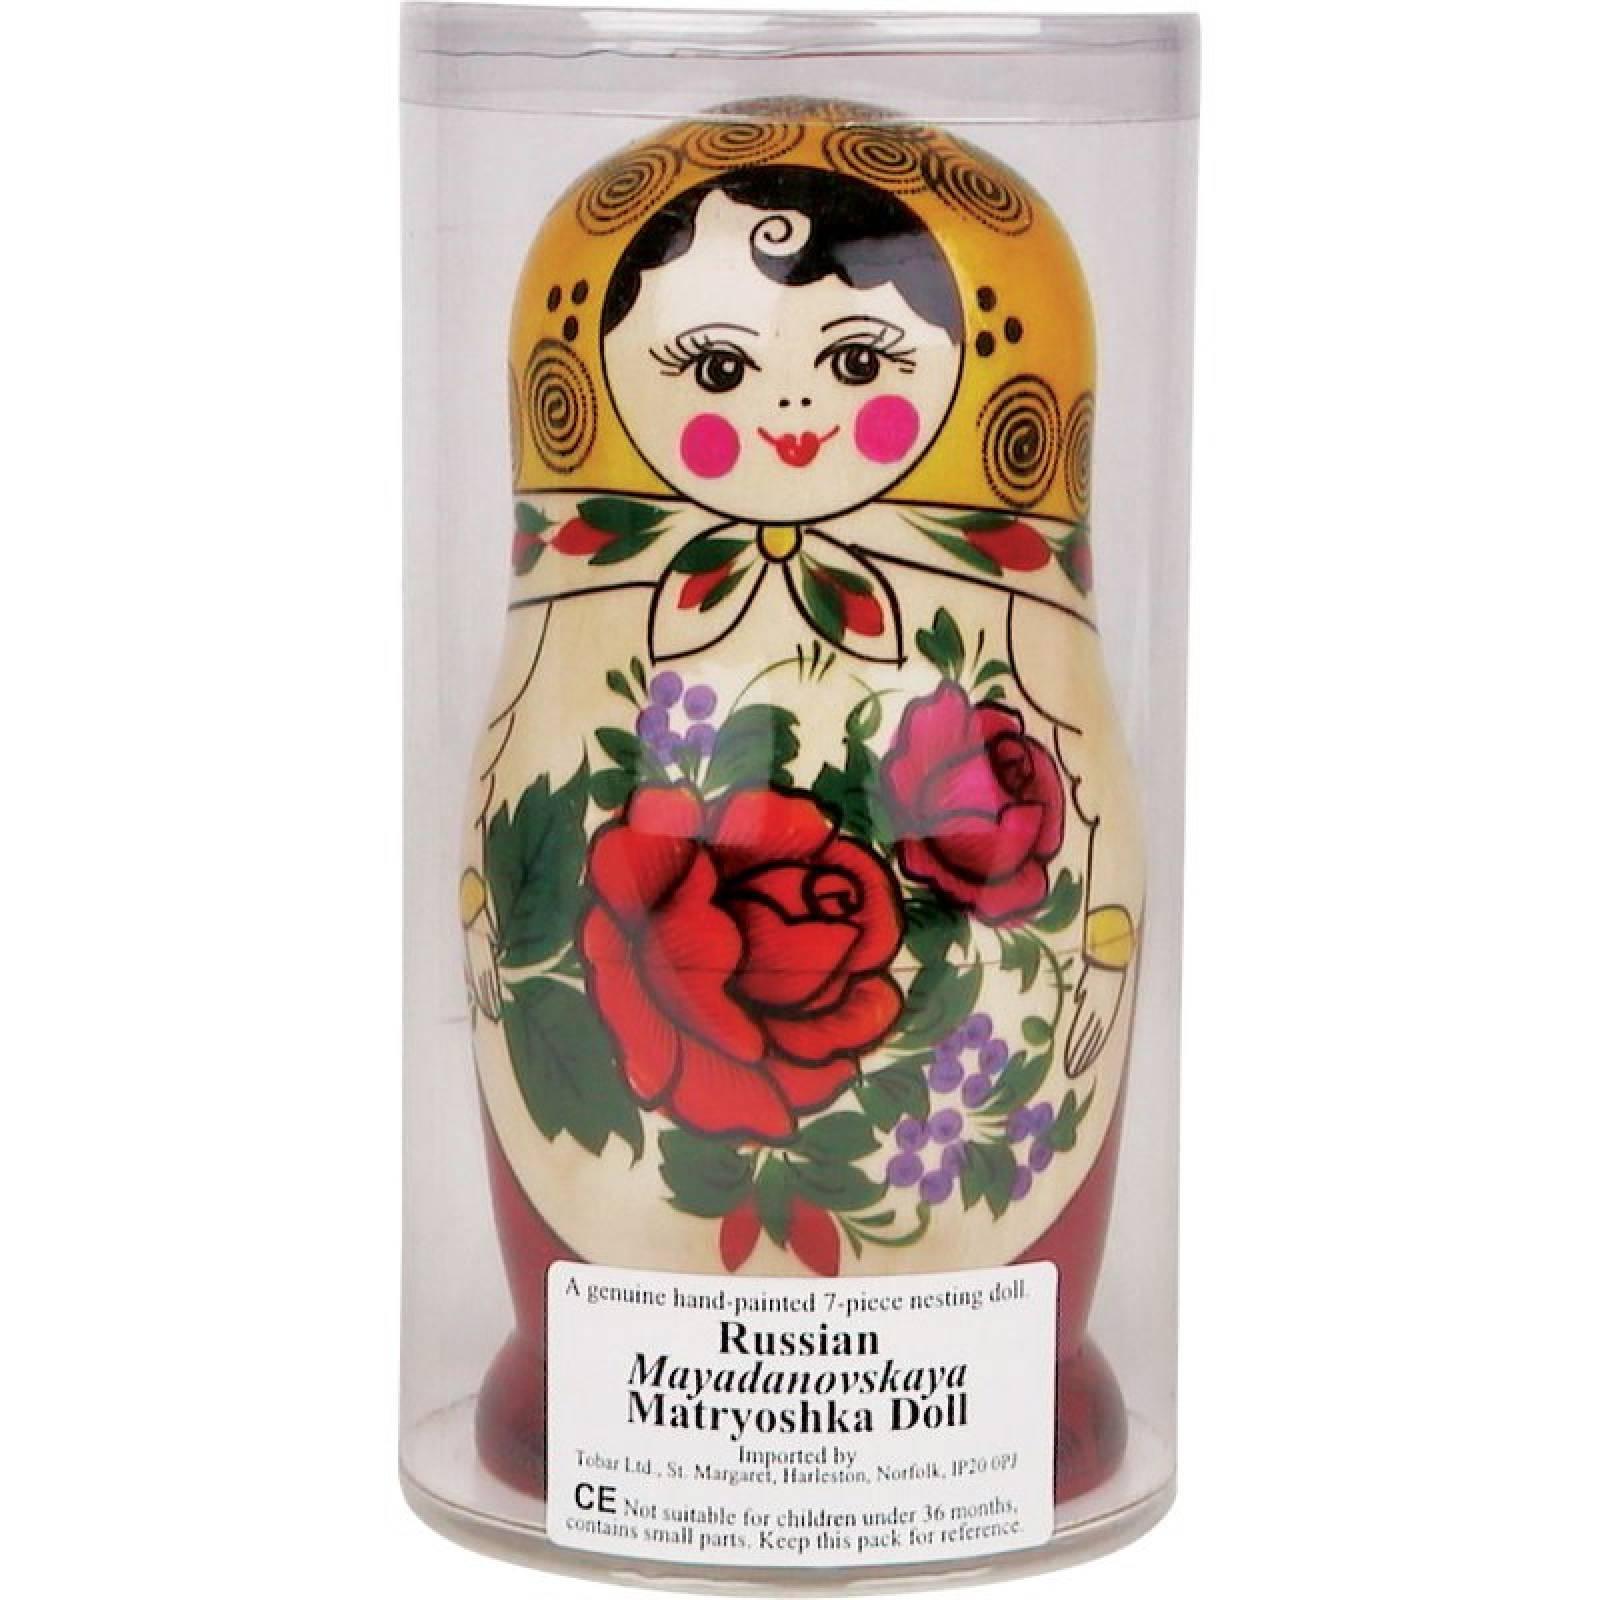 Classic Wooden Russian Doll Babushka 5 Dolls TB thumbnails